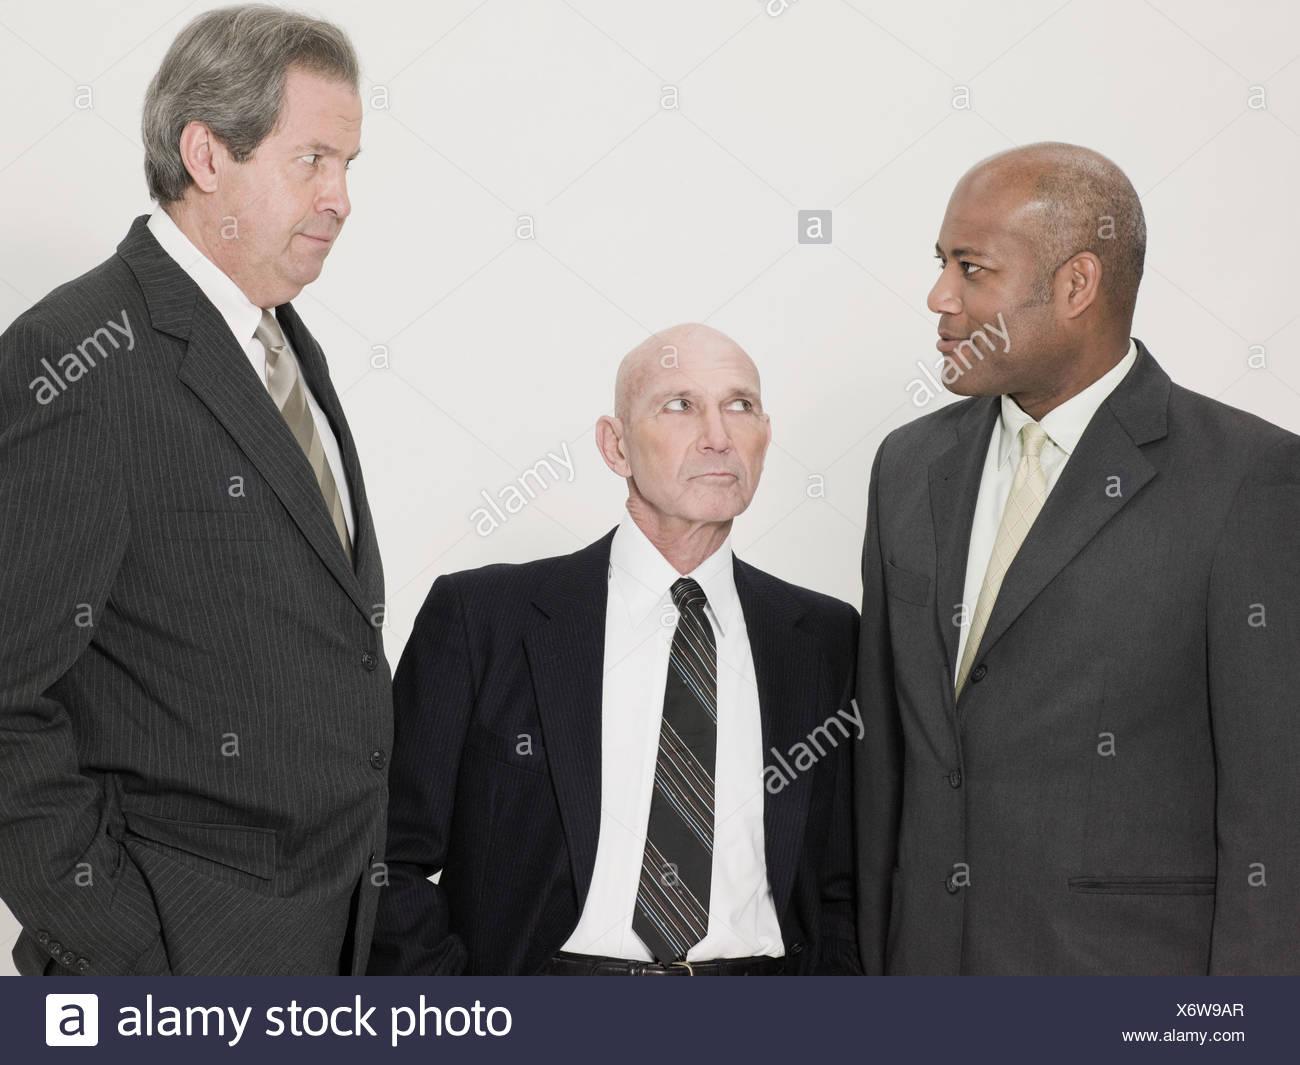 Men vs short tall men short men